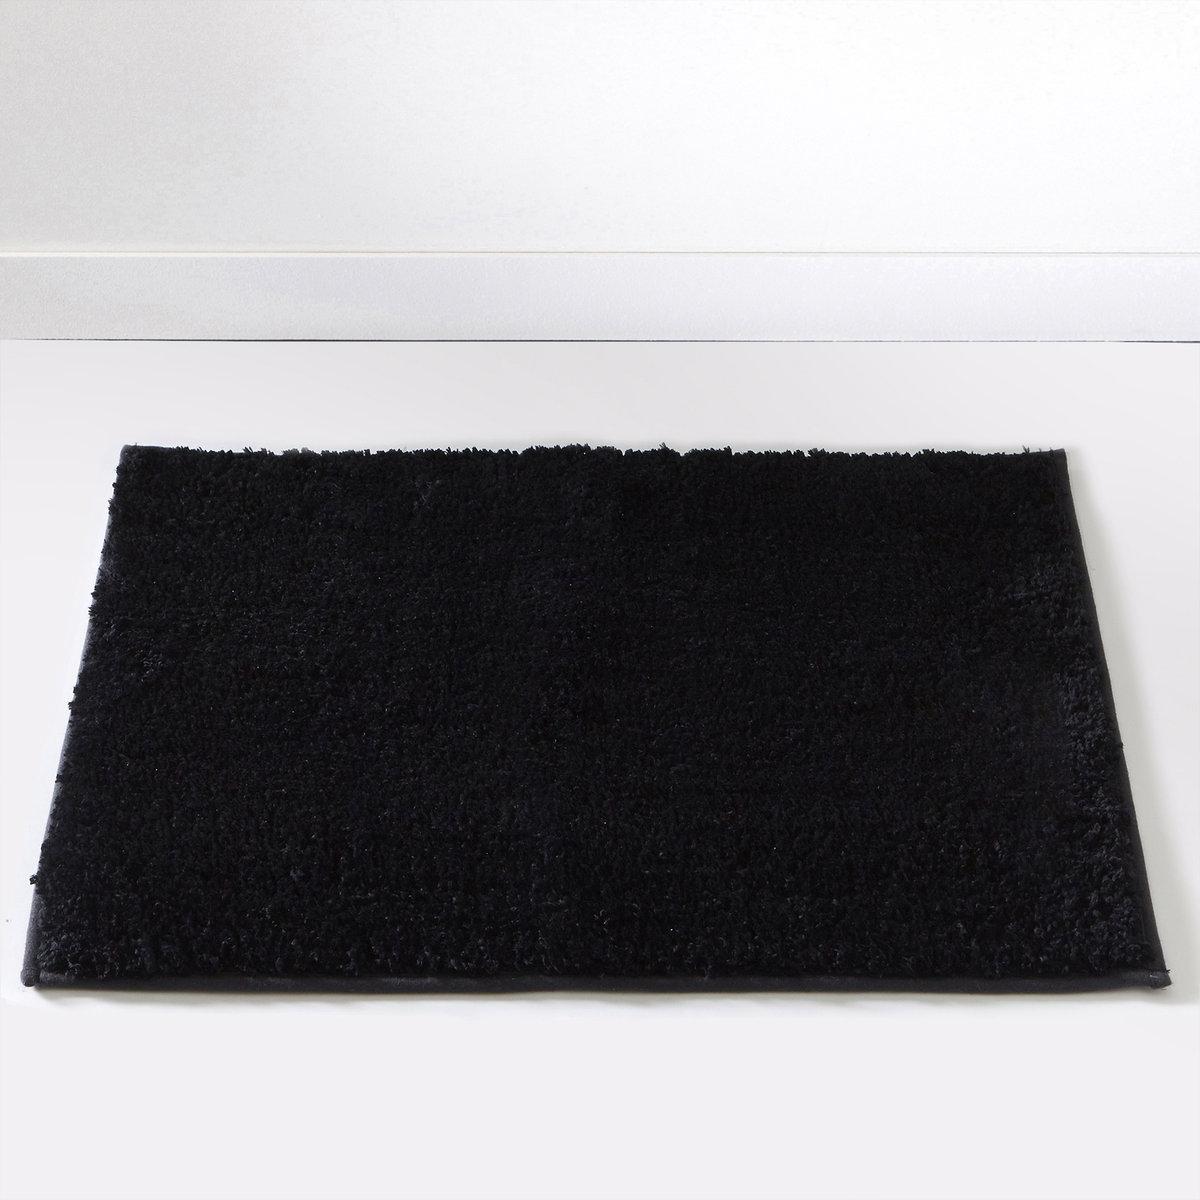 Коврик для ванной SCENARIOОчень удобный толстый коврик для использования рядом с душем или ванной, великолепное качество от Sc?nario, - это гарантия удовольствия, которое останется с вами надолго.Состав коврика для ванной Scenario:Пушистая одноцветная микрофибра, 1500 г/м2.100% полиэстера.Есть версия в форме под раковину 40х50 см и прямоугольной формы 50x70 см и 60x100 см. 7 цветов: бежевый / белый / голубой / темно-серый / черный / зеленый анисовый / фиолетовый сливовый.<br><br>Цвет: зеленый анис,фиолетовый/ сливовый,черный<br>Размер: 60x100 cm